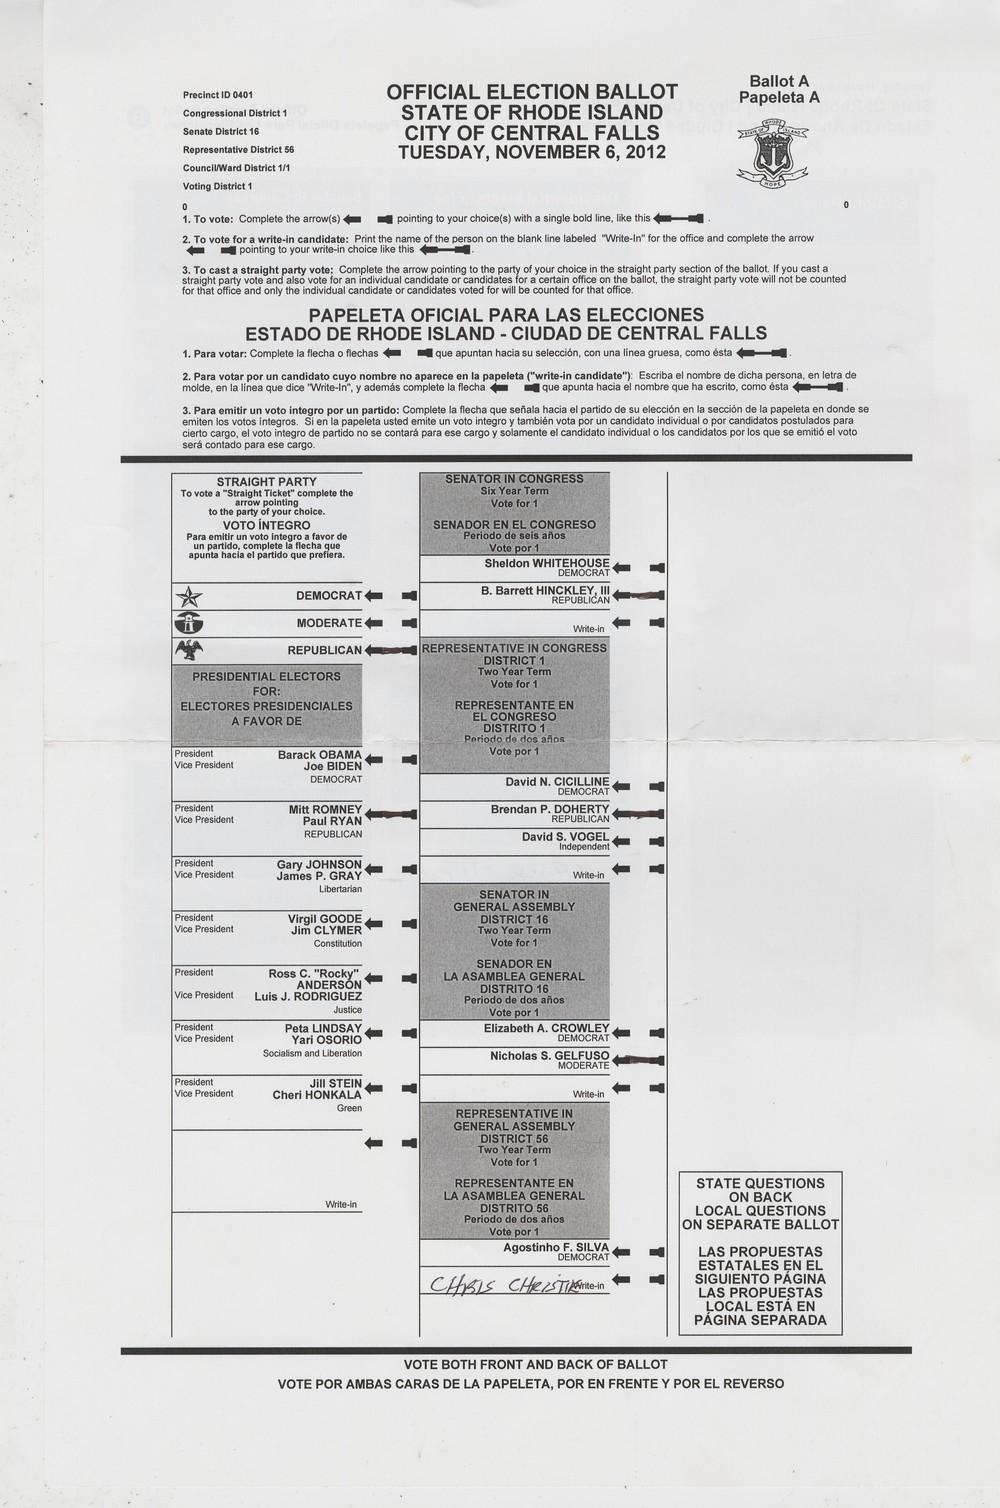 ballot_05a.jpg